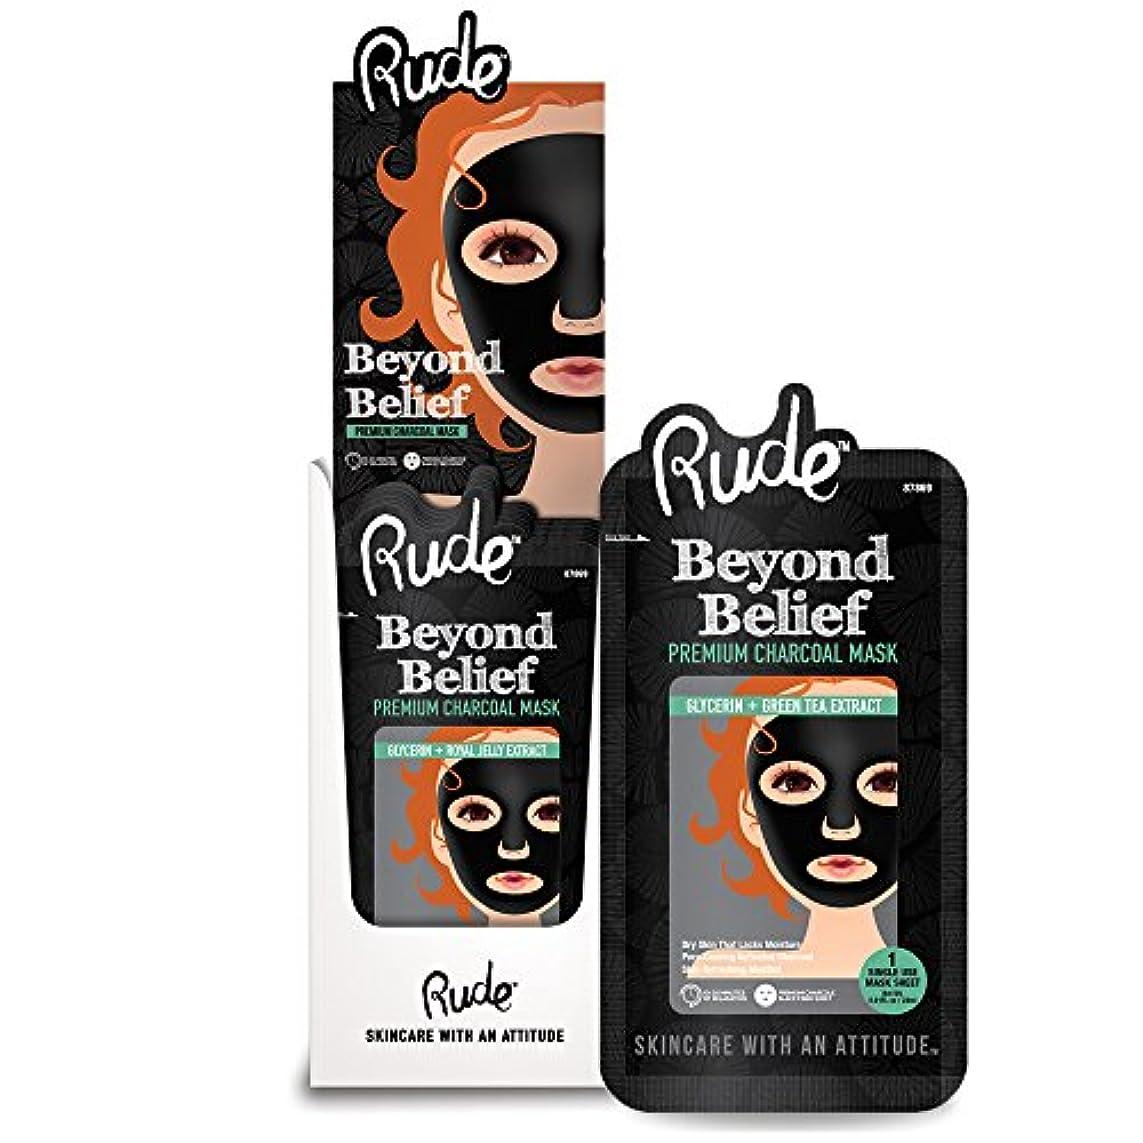 負担控えめな凍結RUDE Beyond Belief Purifying Charcoal Mask Display Set, 36 Pieces (並行輸入品)